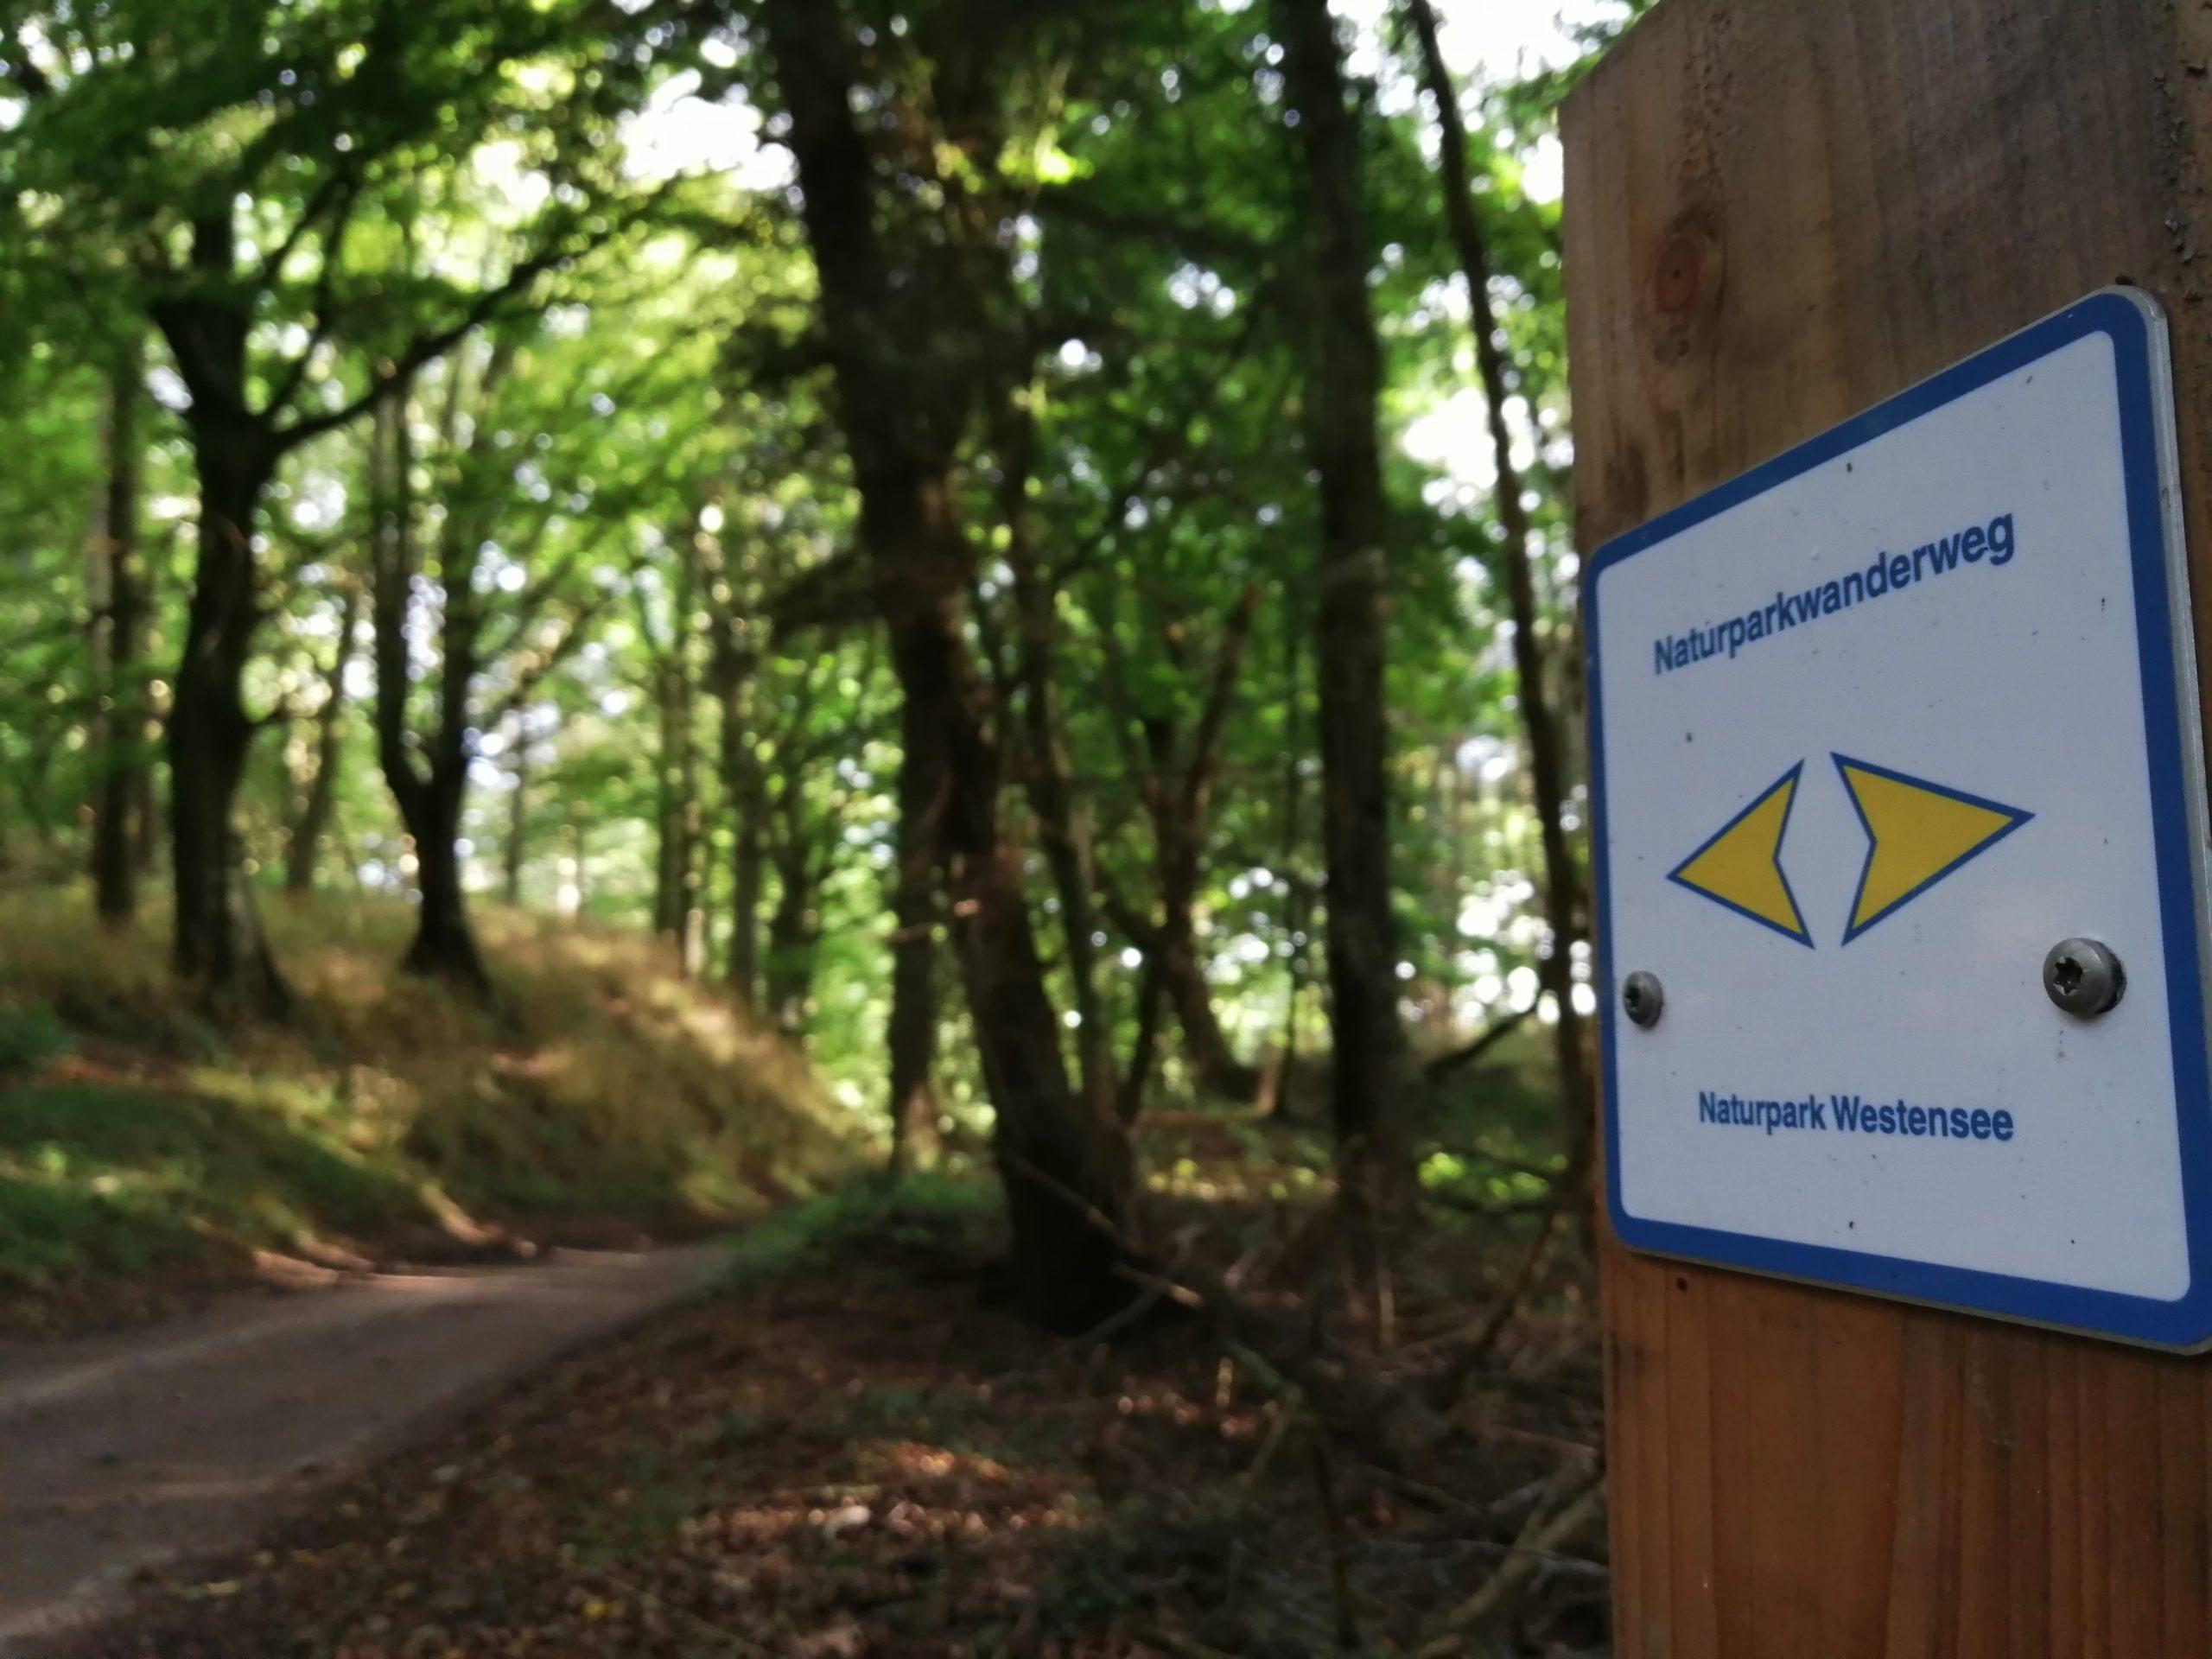 Wegweiser Naturparkwanderweg in Emkendorf